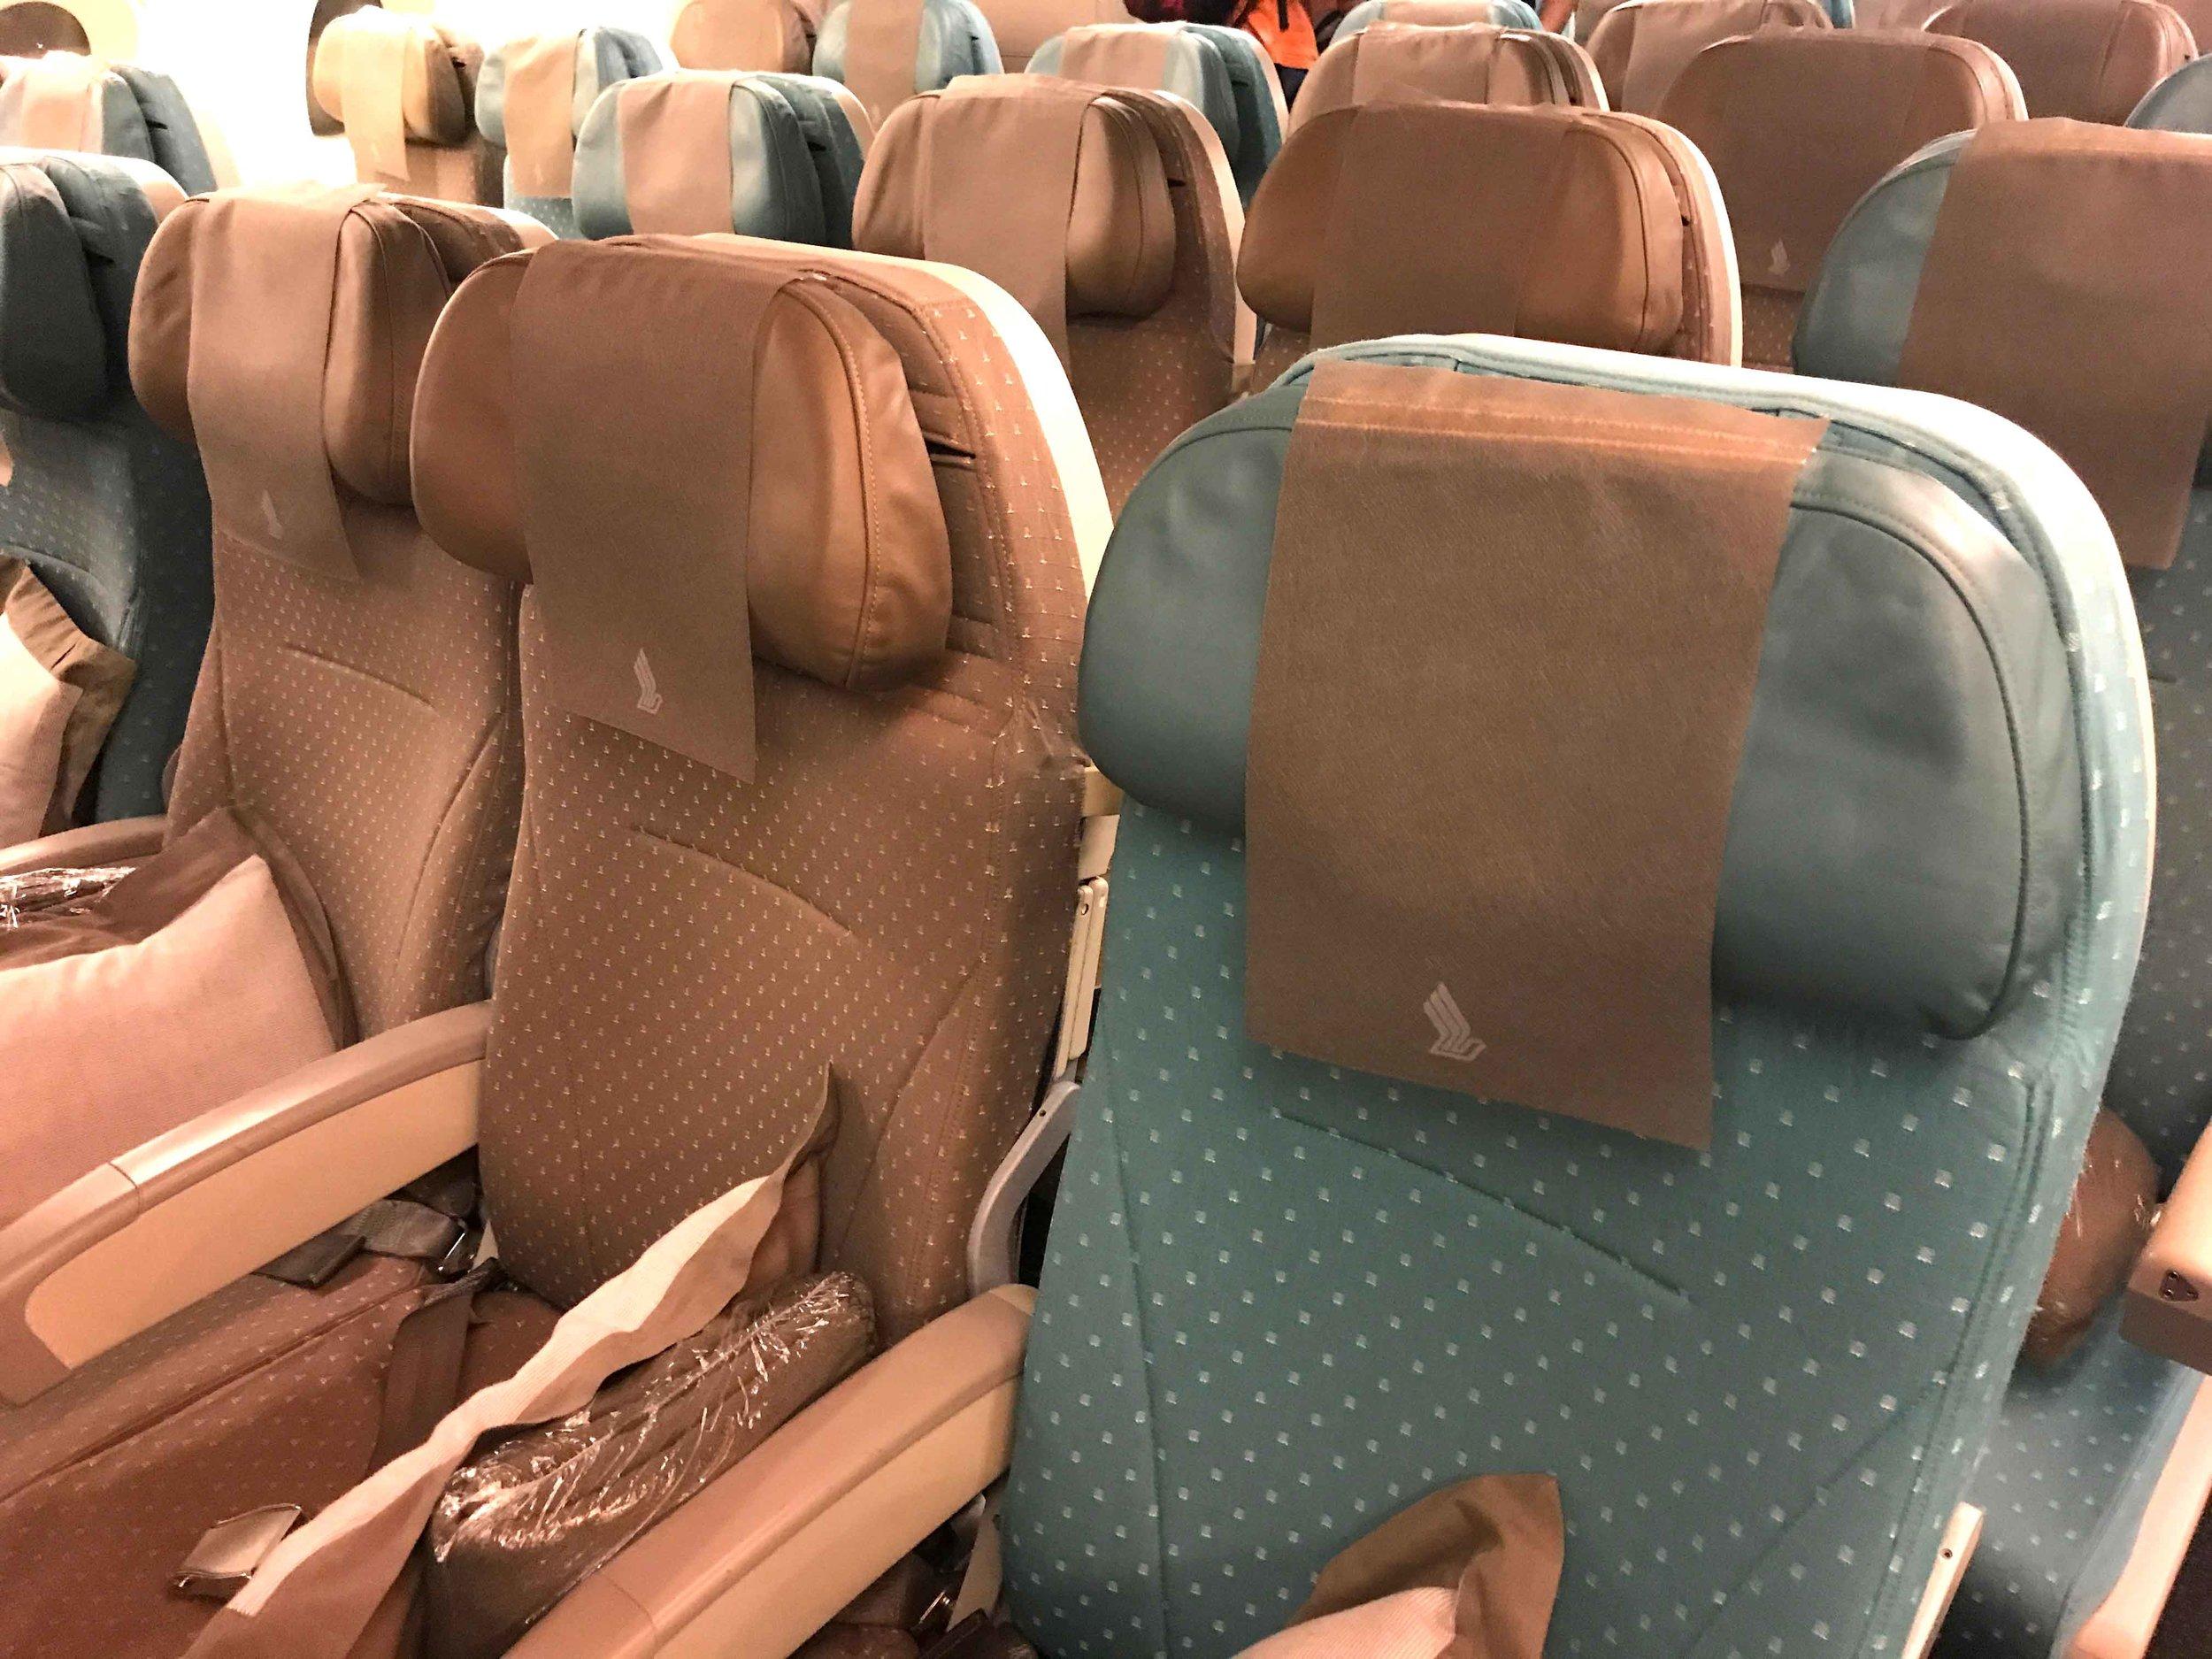 Singapore Air,Delhi to Singapore, A380. Image©thingstodot.com